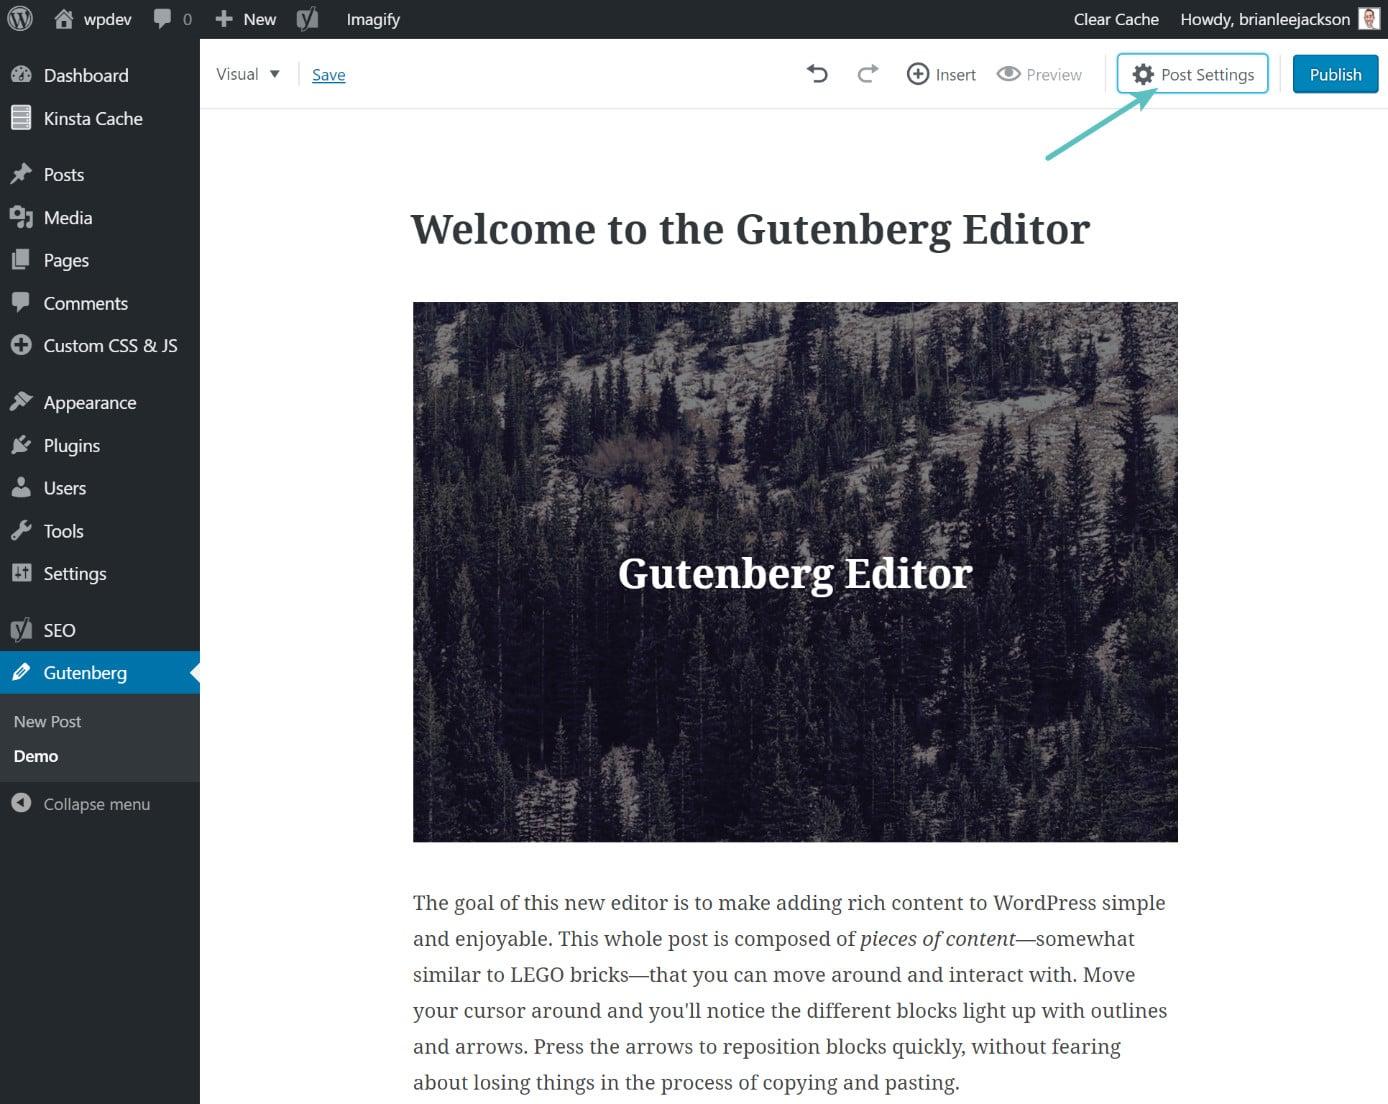 Cacher les paramètres d'article dans Gutenberg